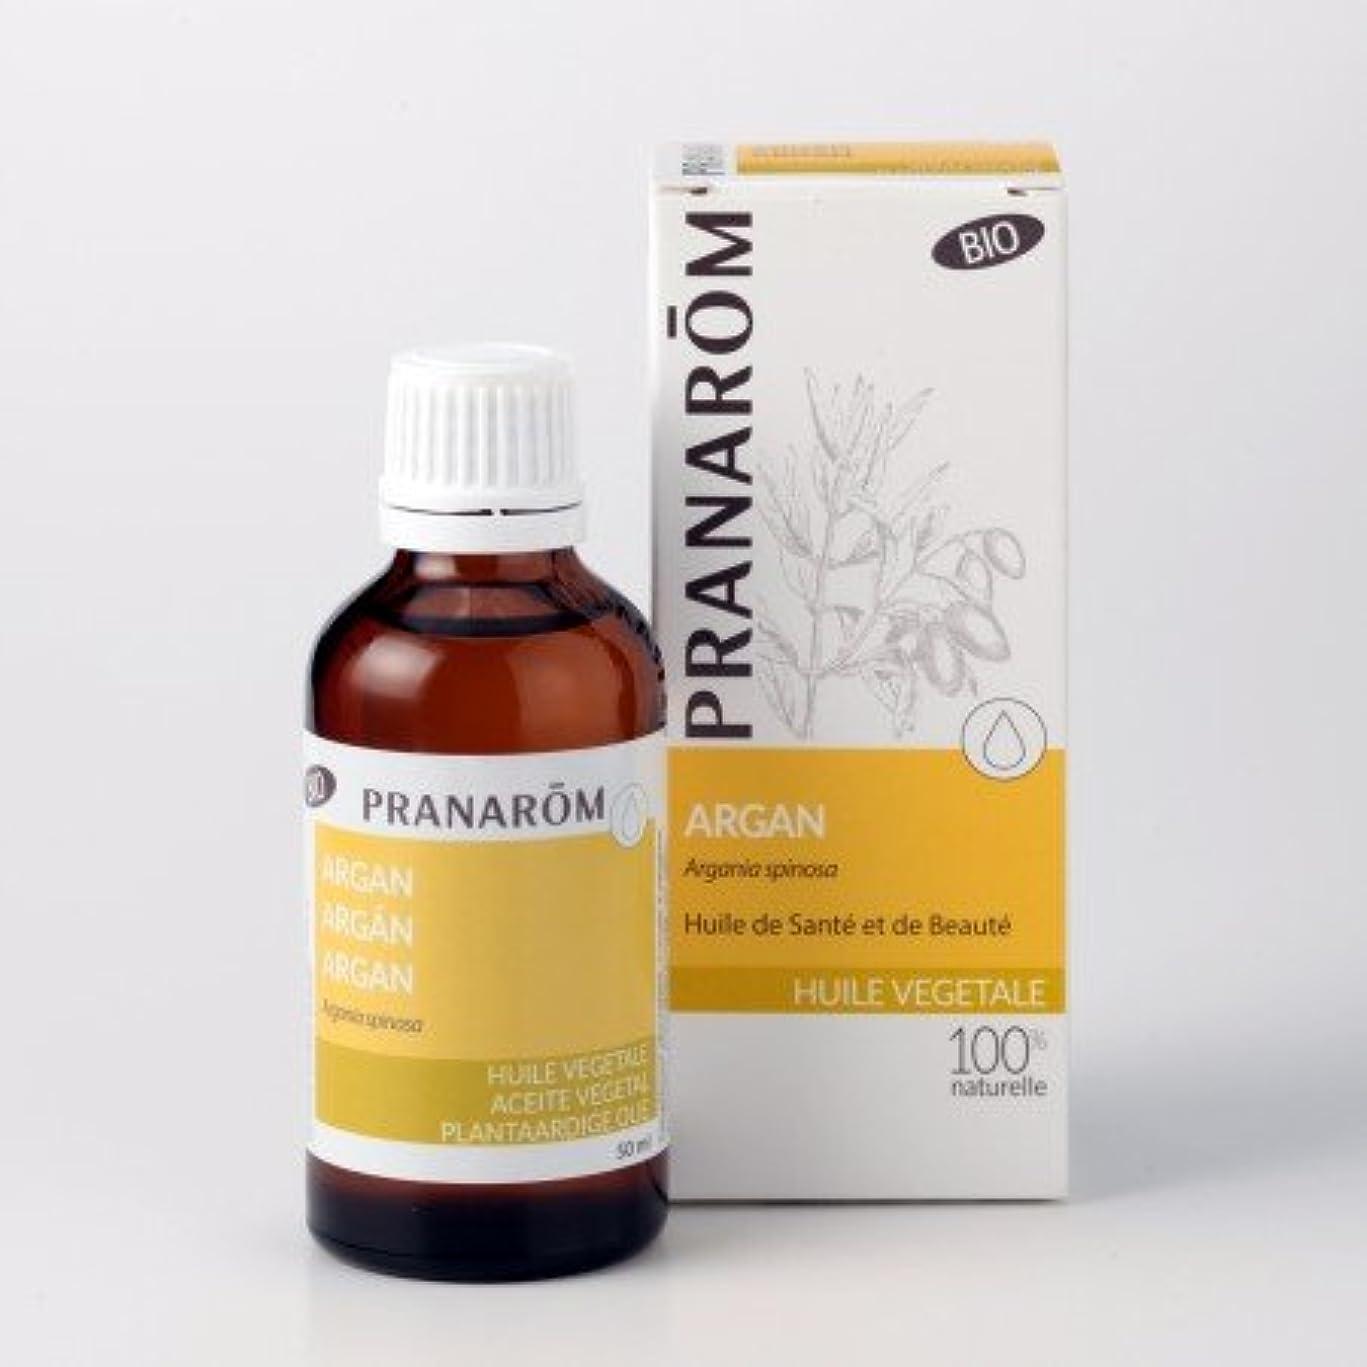 パックリレー自我プラナロム ( PRANAROM ) 植物油 アルガン油 50ml 12648 アルガンオイル キャリアオイル ( 化粧油 )